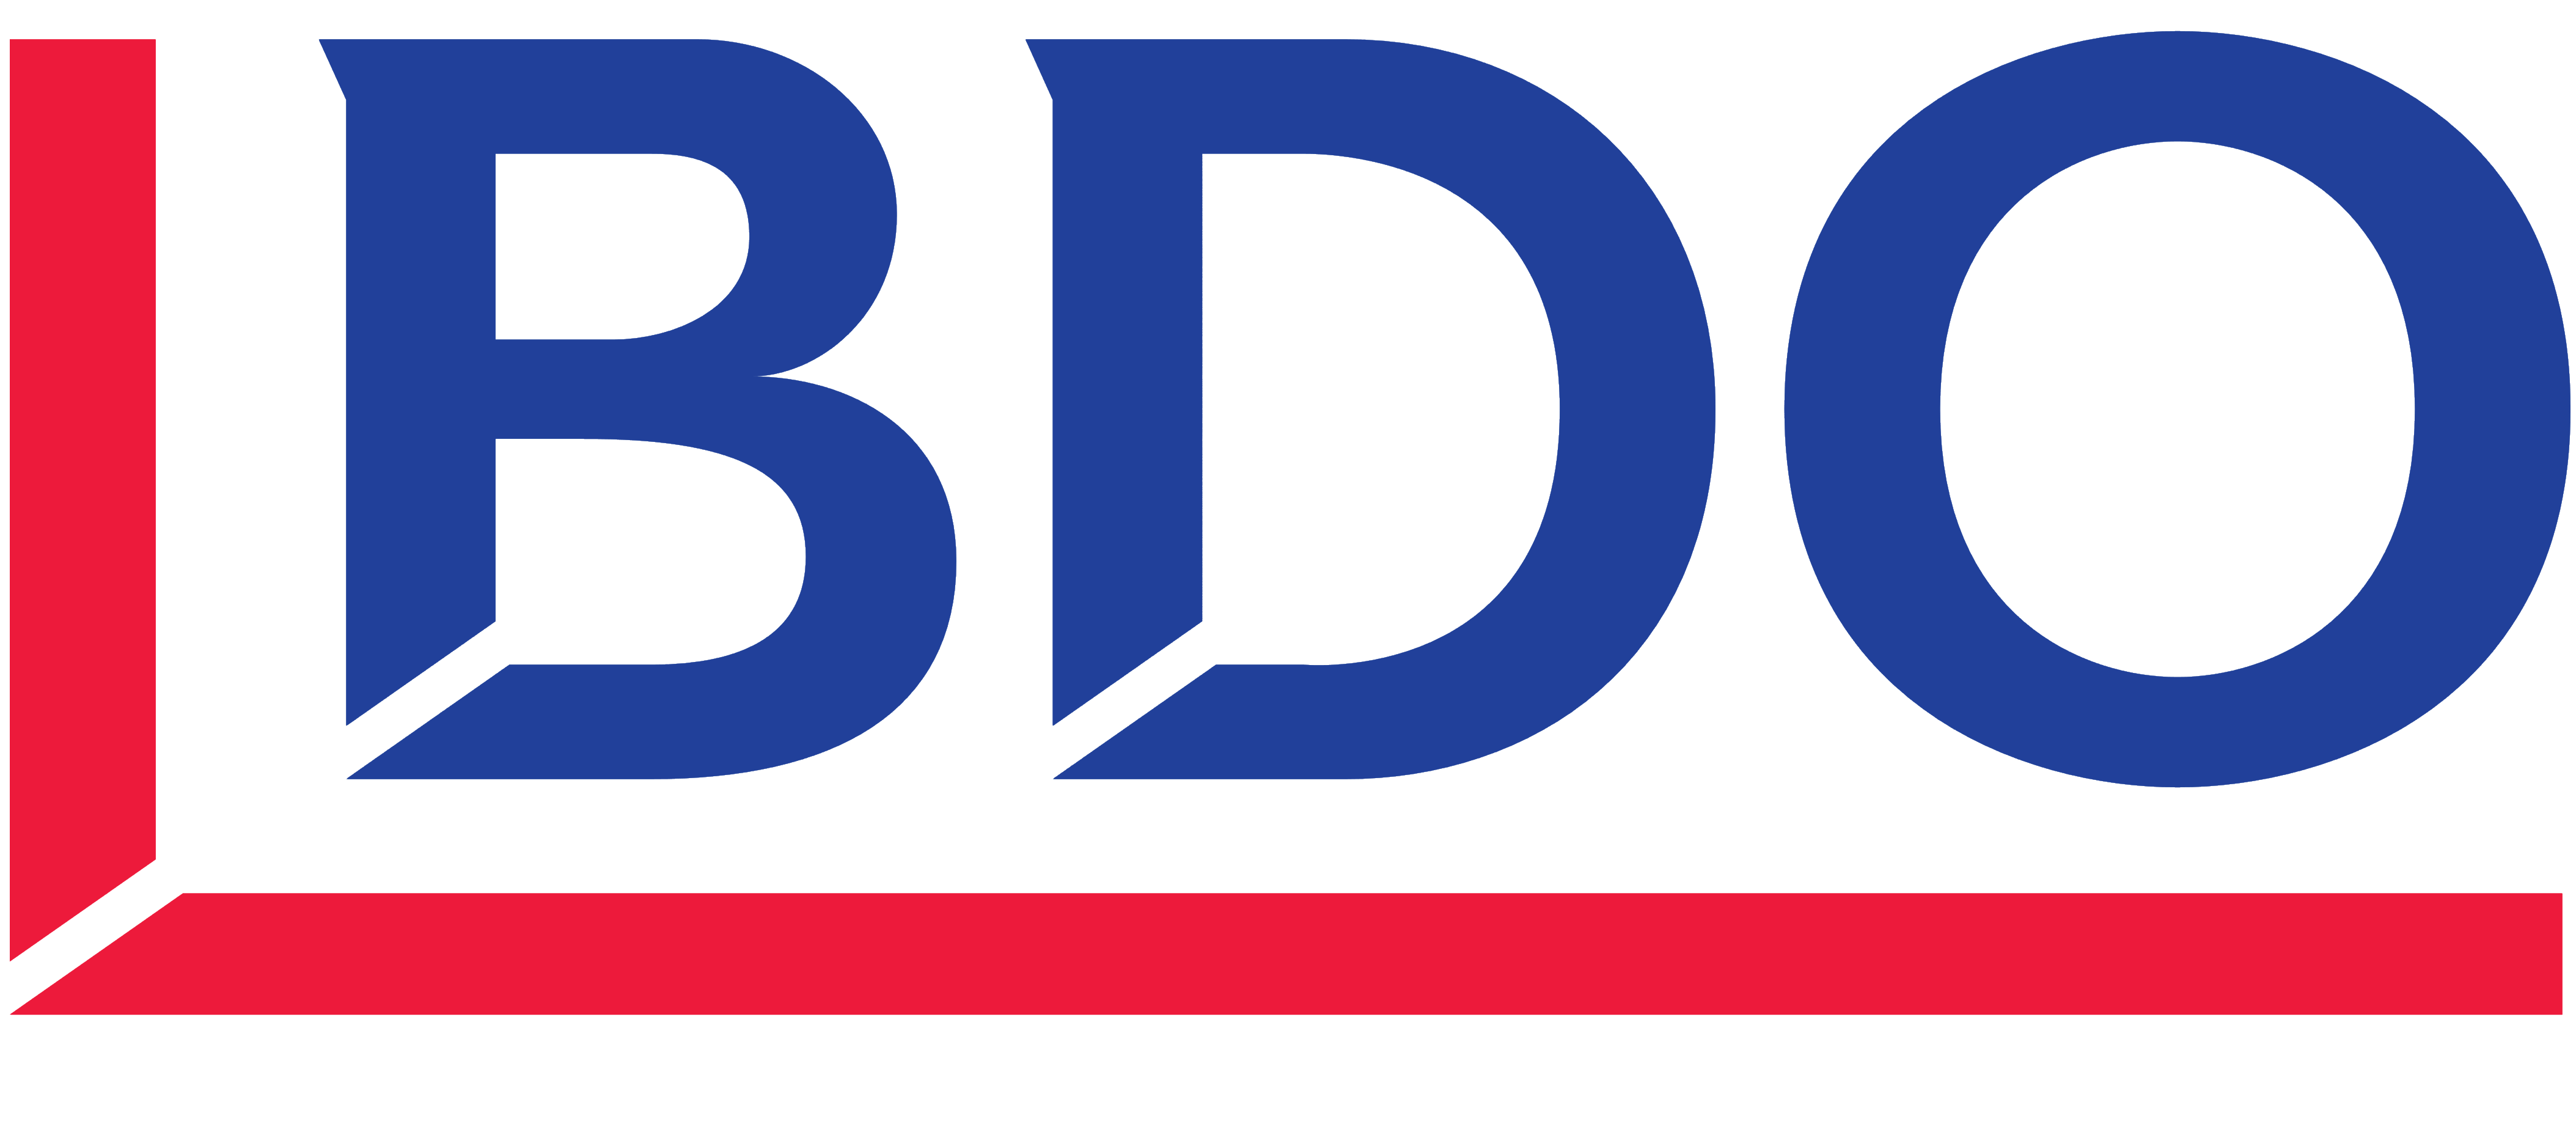 Boyne tannum aansluiting 2015 prijzen